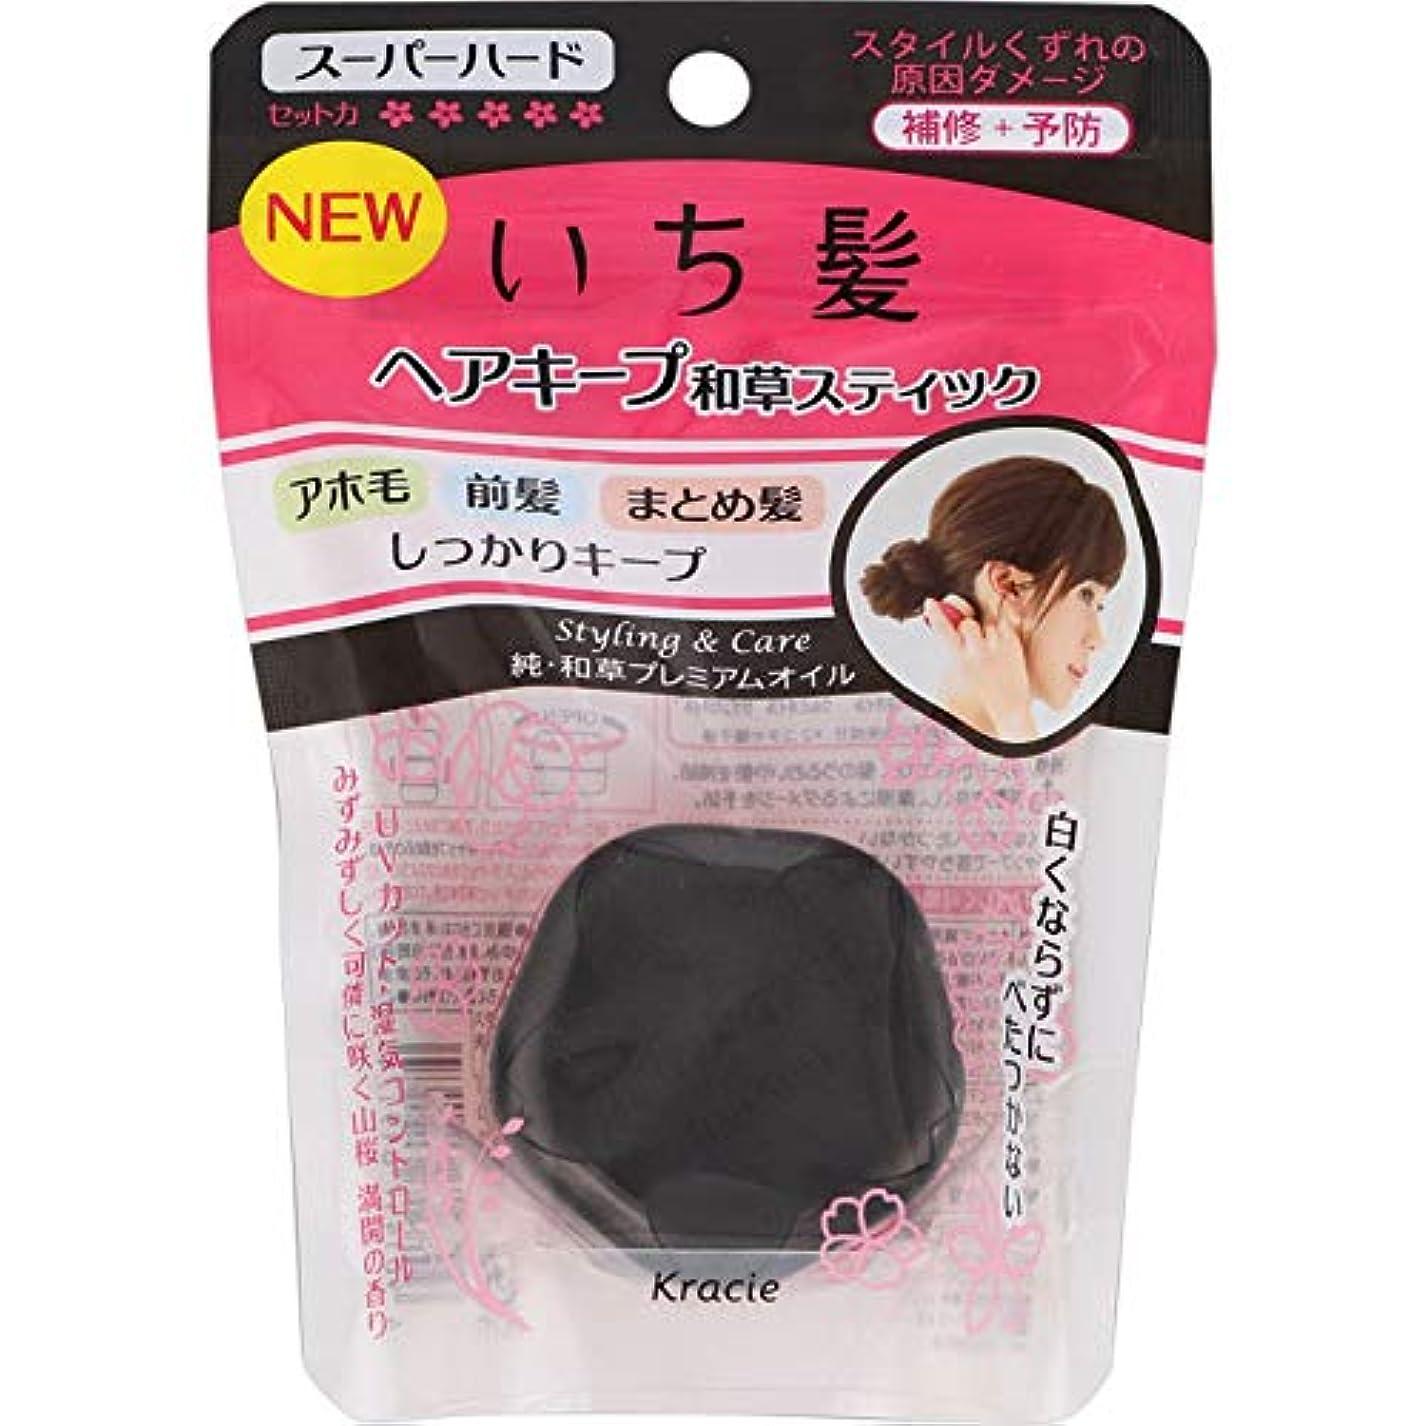 抑止する熟練したデイジーいち髪 ヘアキープ和草スティック(スーパーハード) × 10個セット